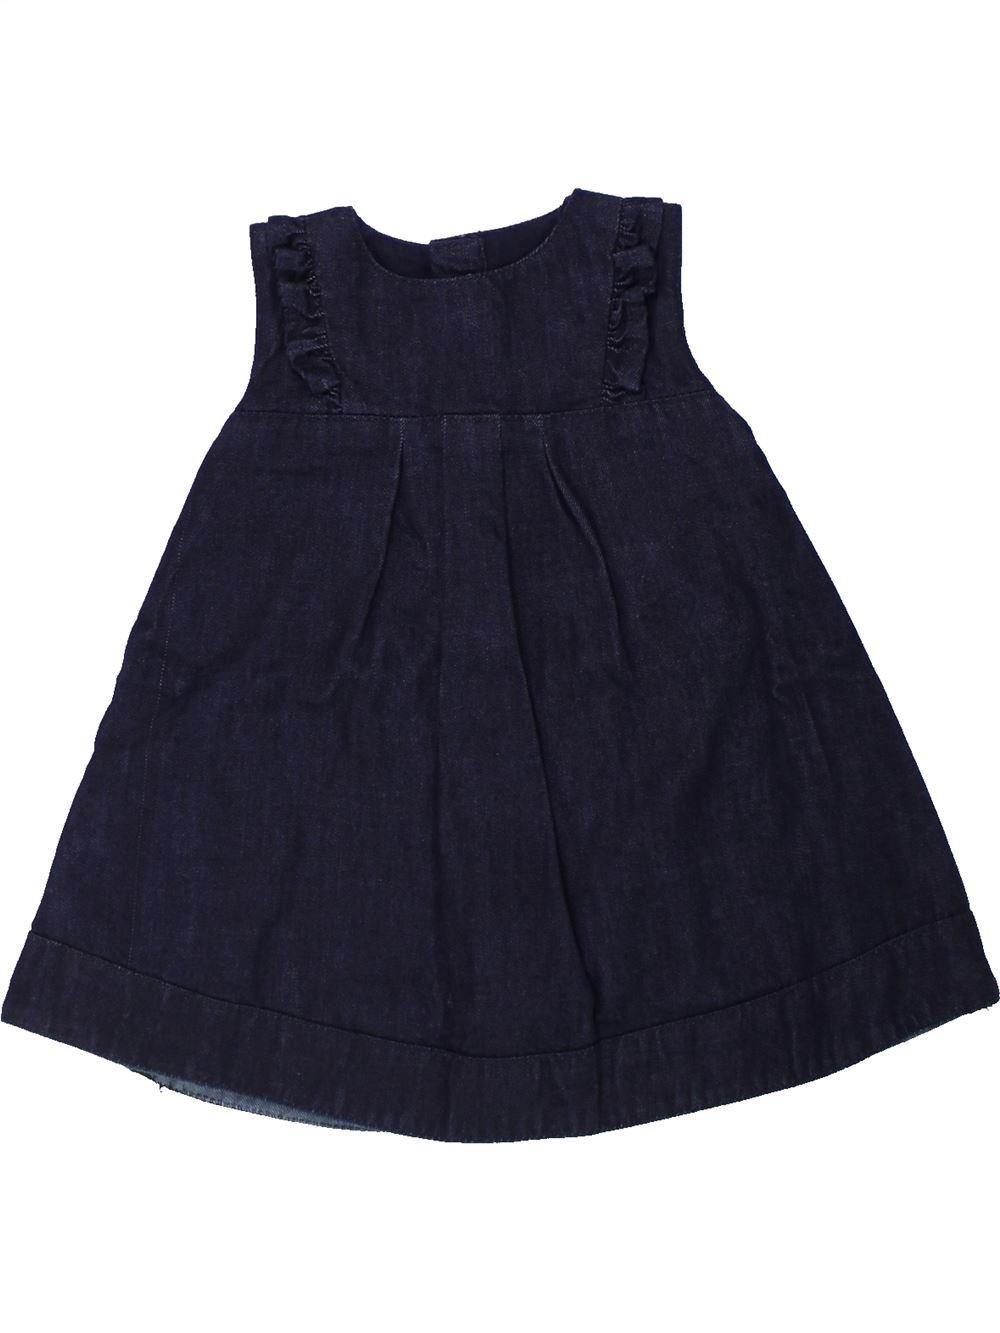 e9d10445f363c Robe noir NATALYS du 12 mois pour Fille - 1433938